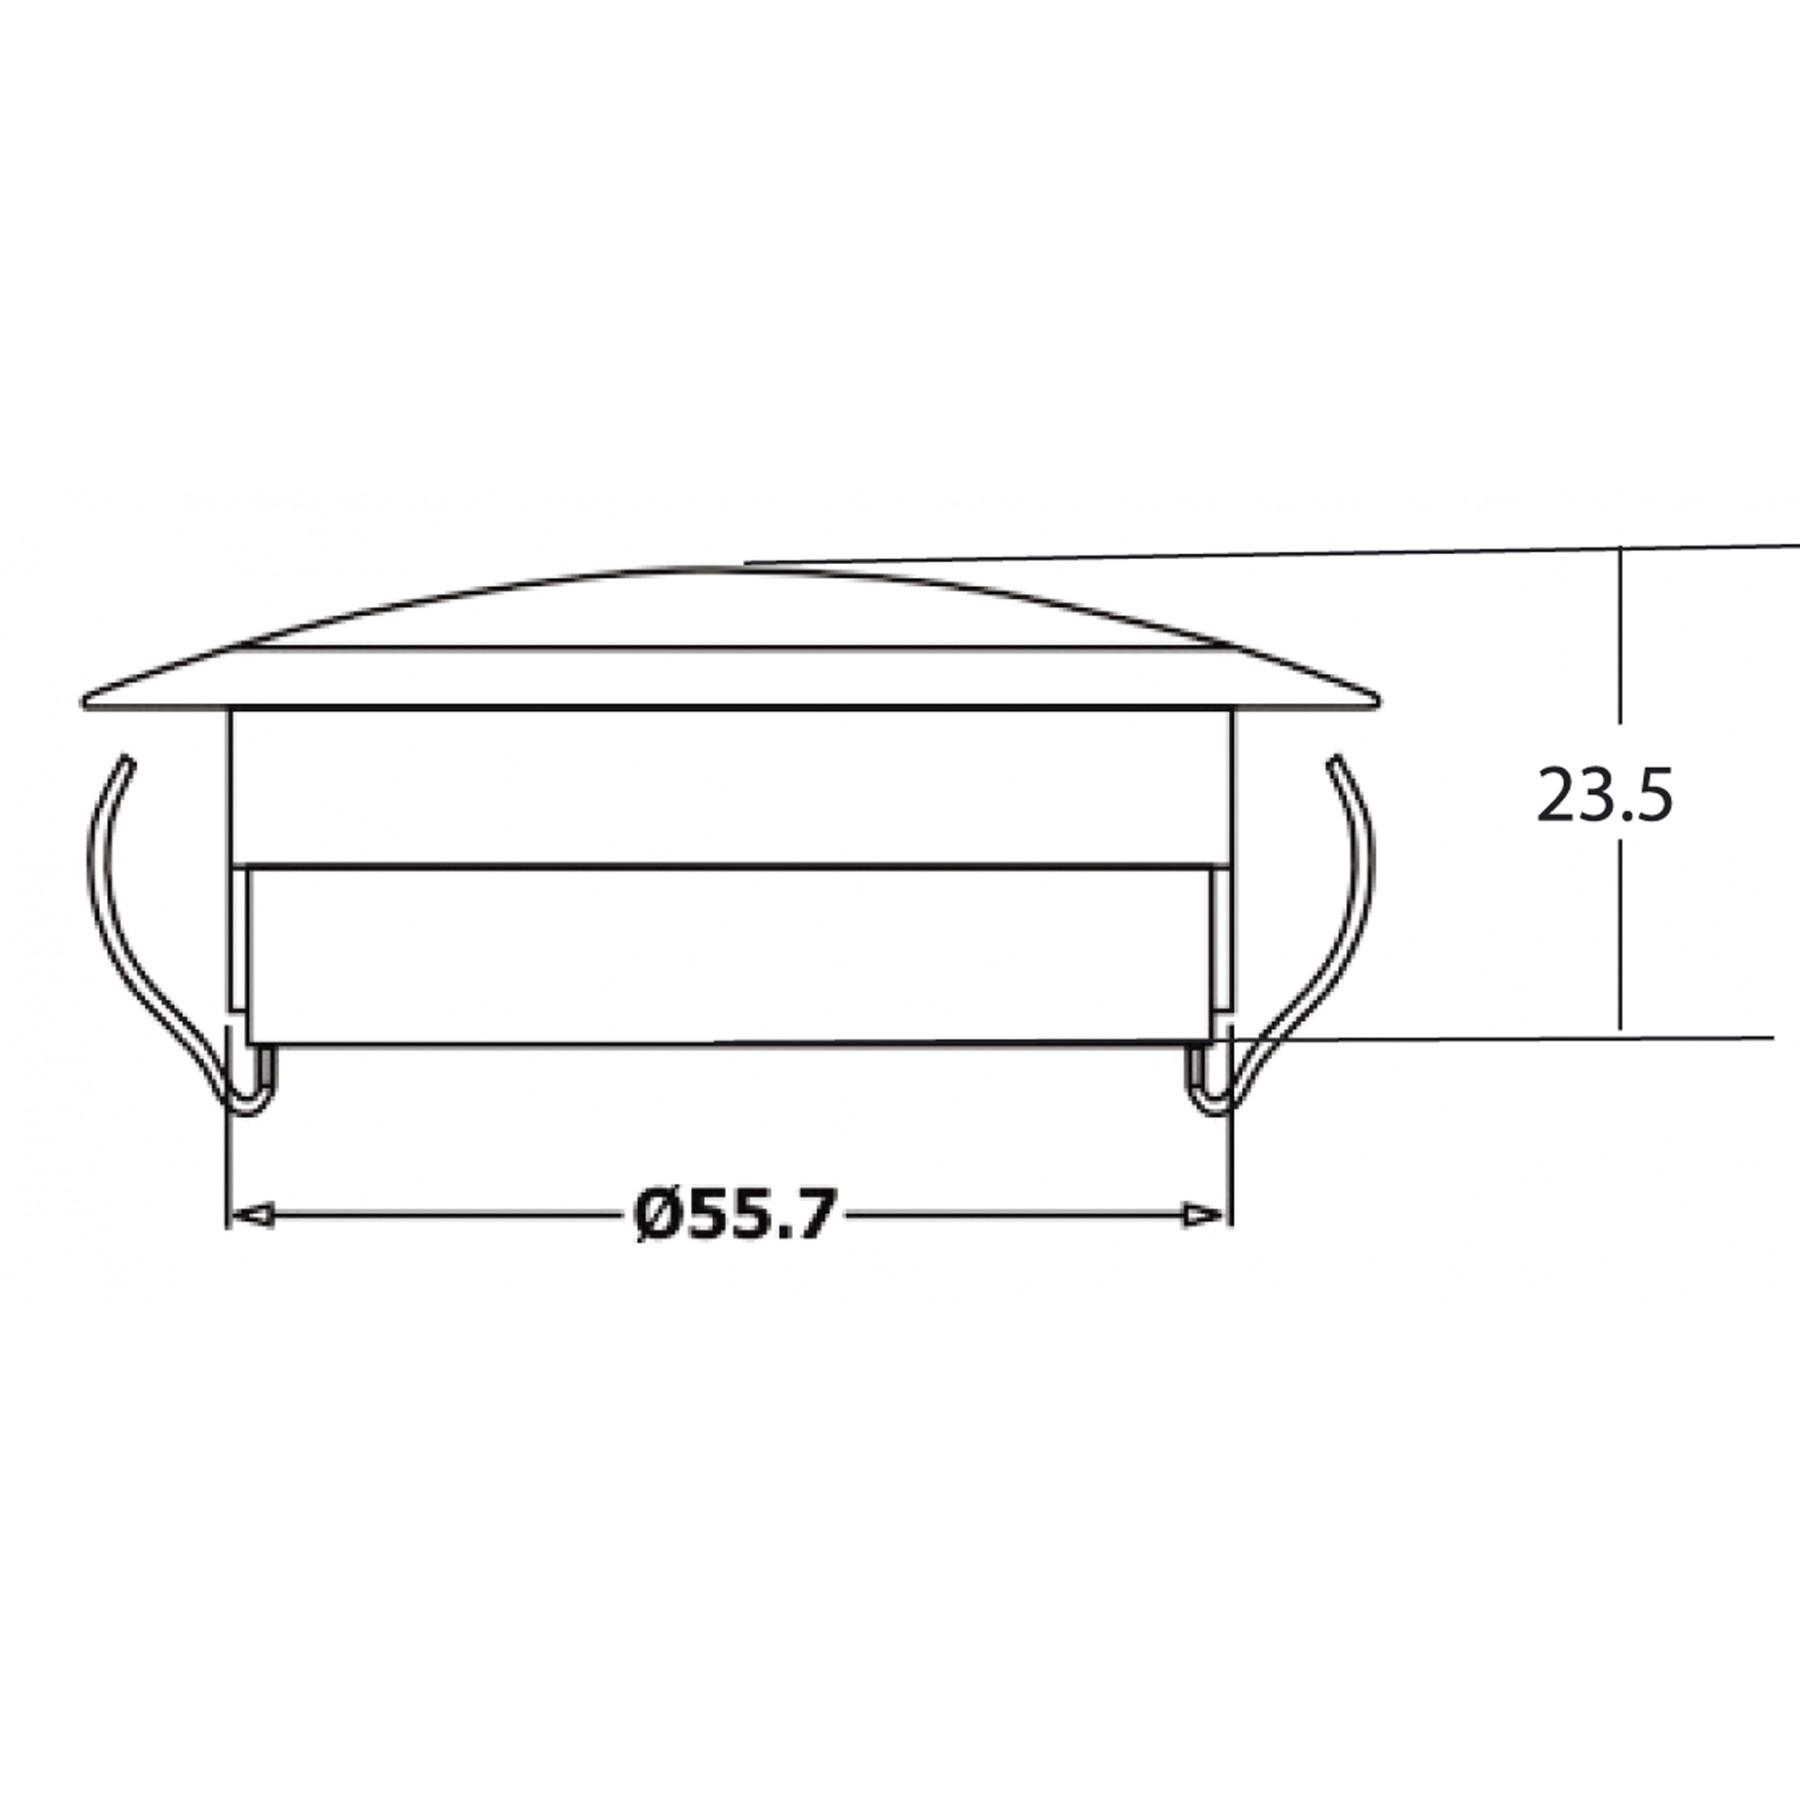 Interieurlamp LED wit Ø 55mm 12v